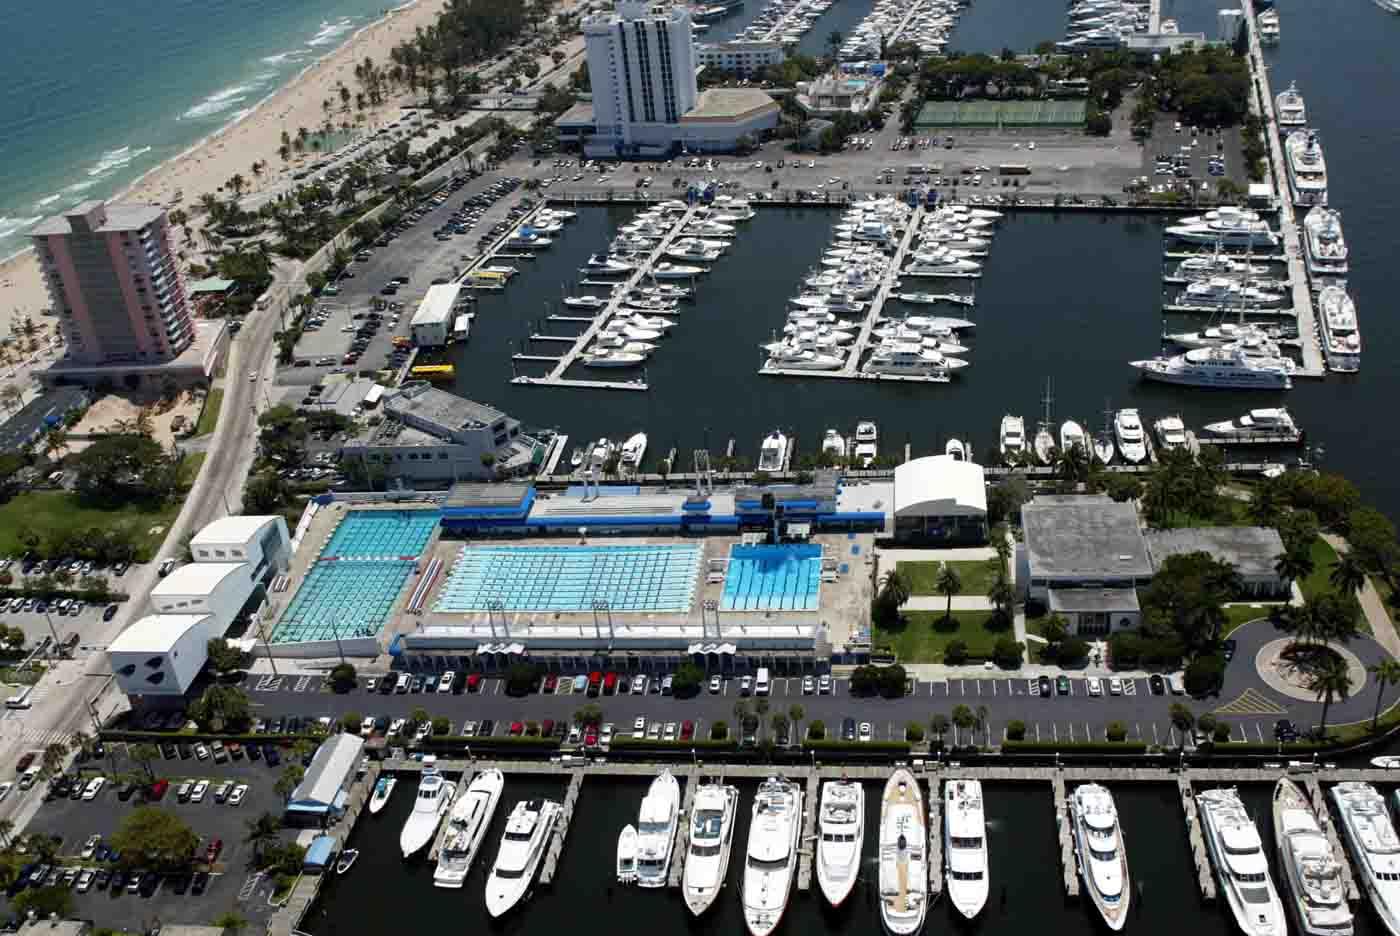 Swim Channel Uol Esporte